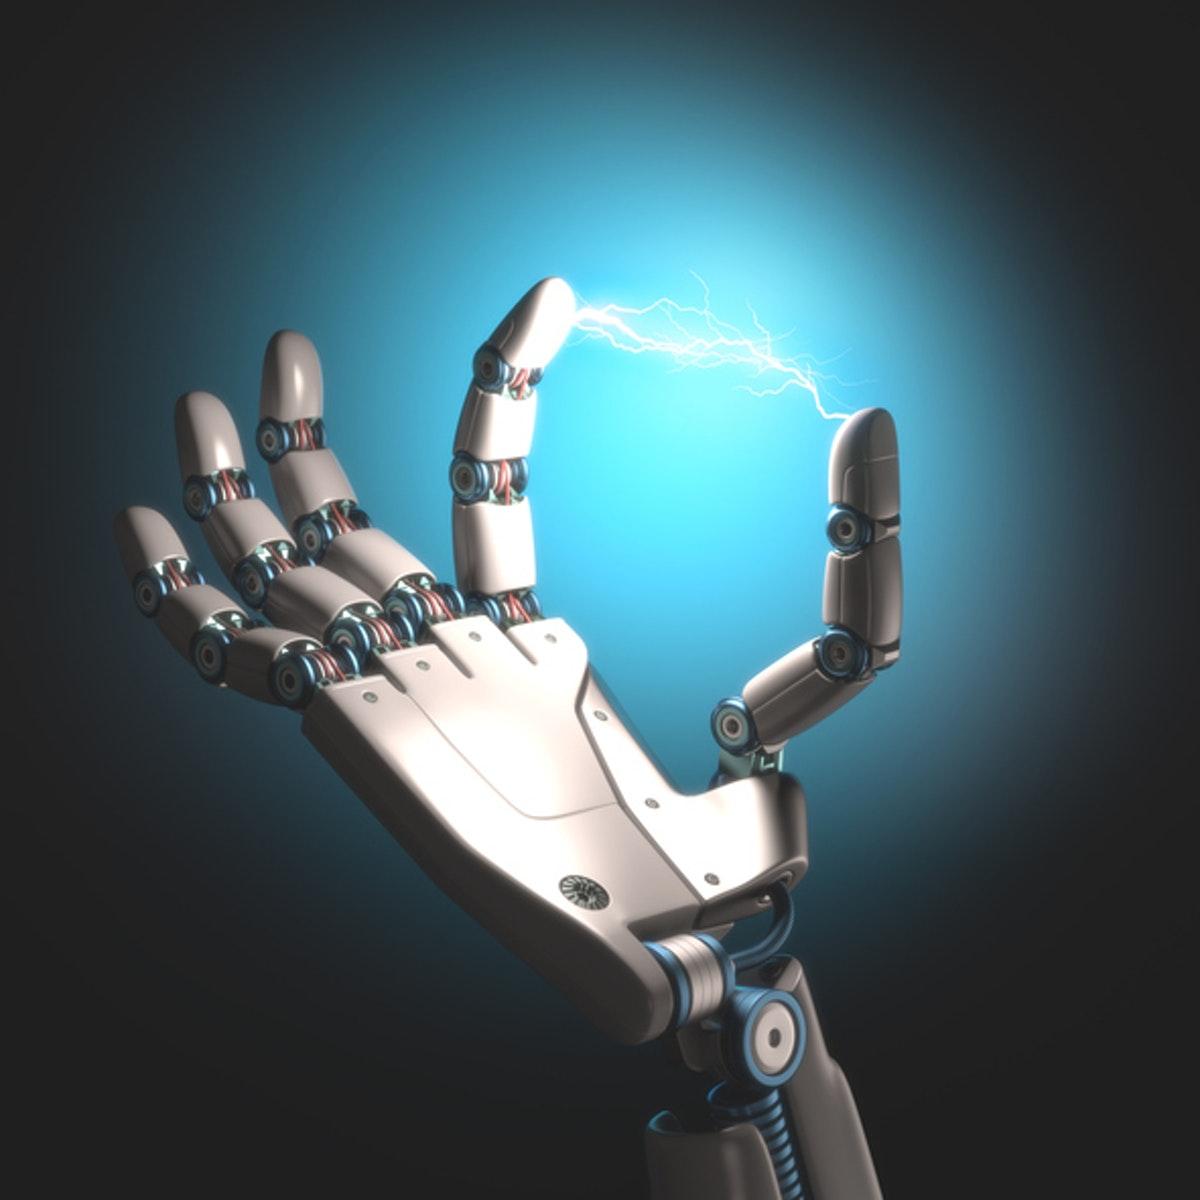 Высокоёмкие аккумуляторы годные для гражданской саморазмножающейся робототехники и местной авиации. (ВладиславЛ)